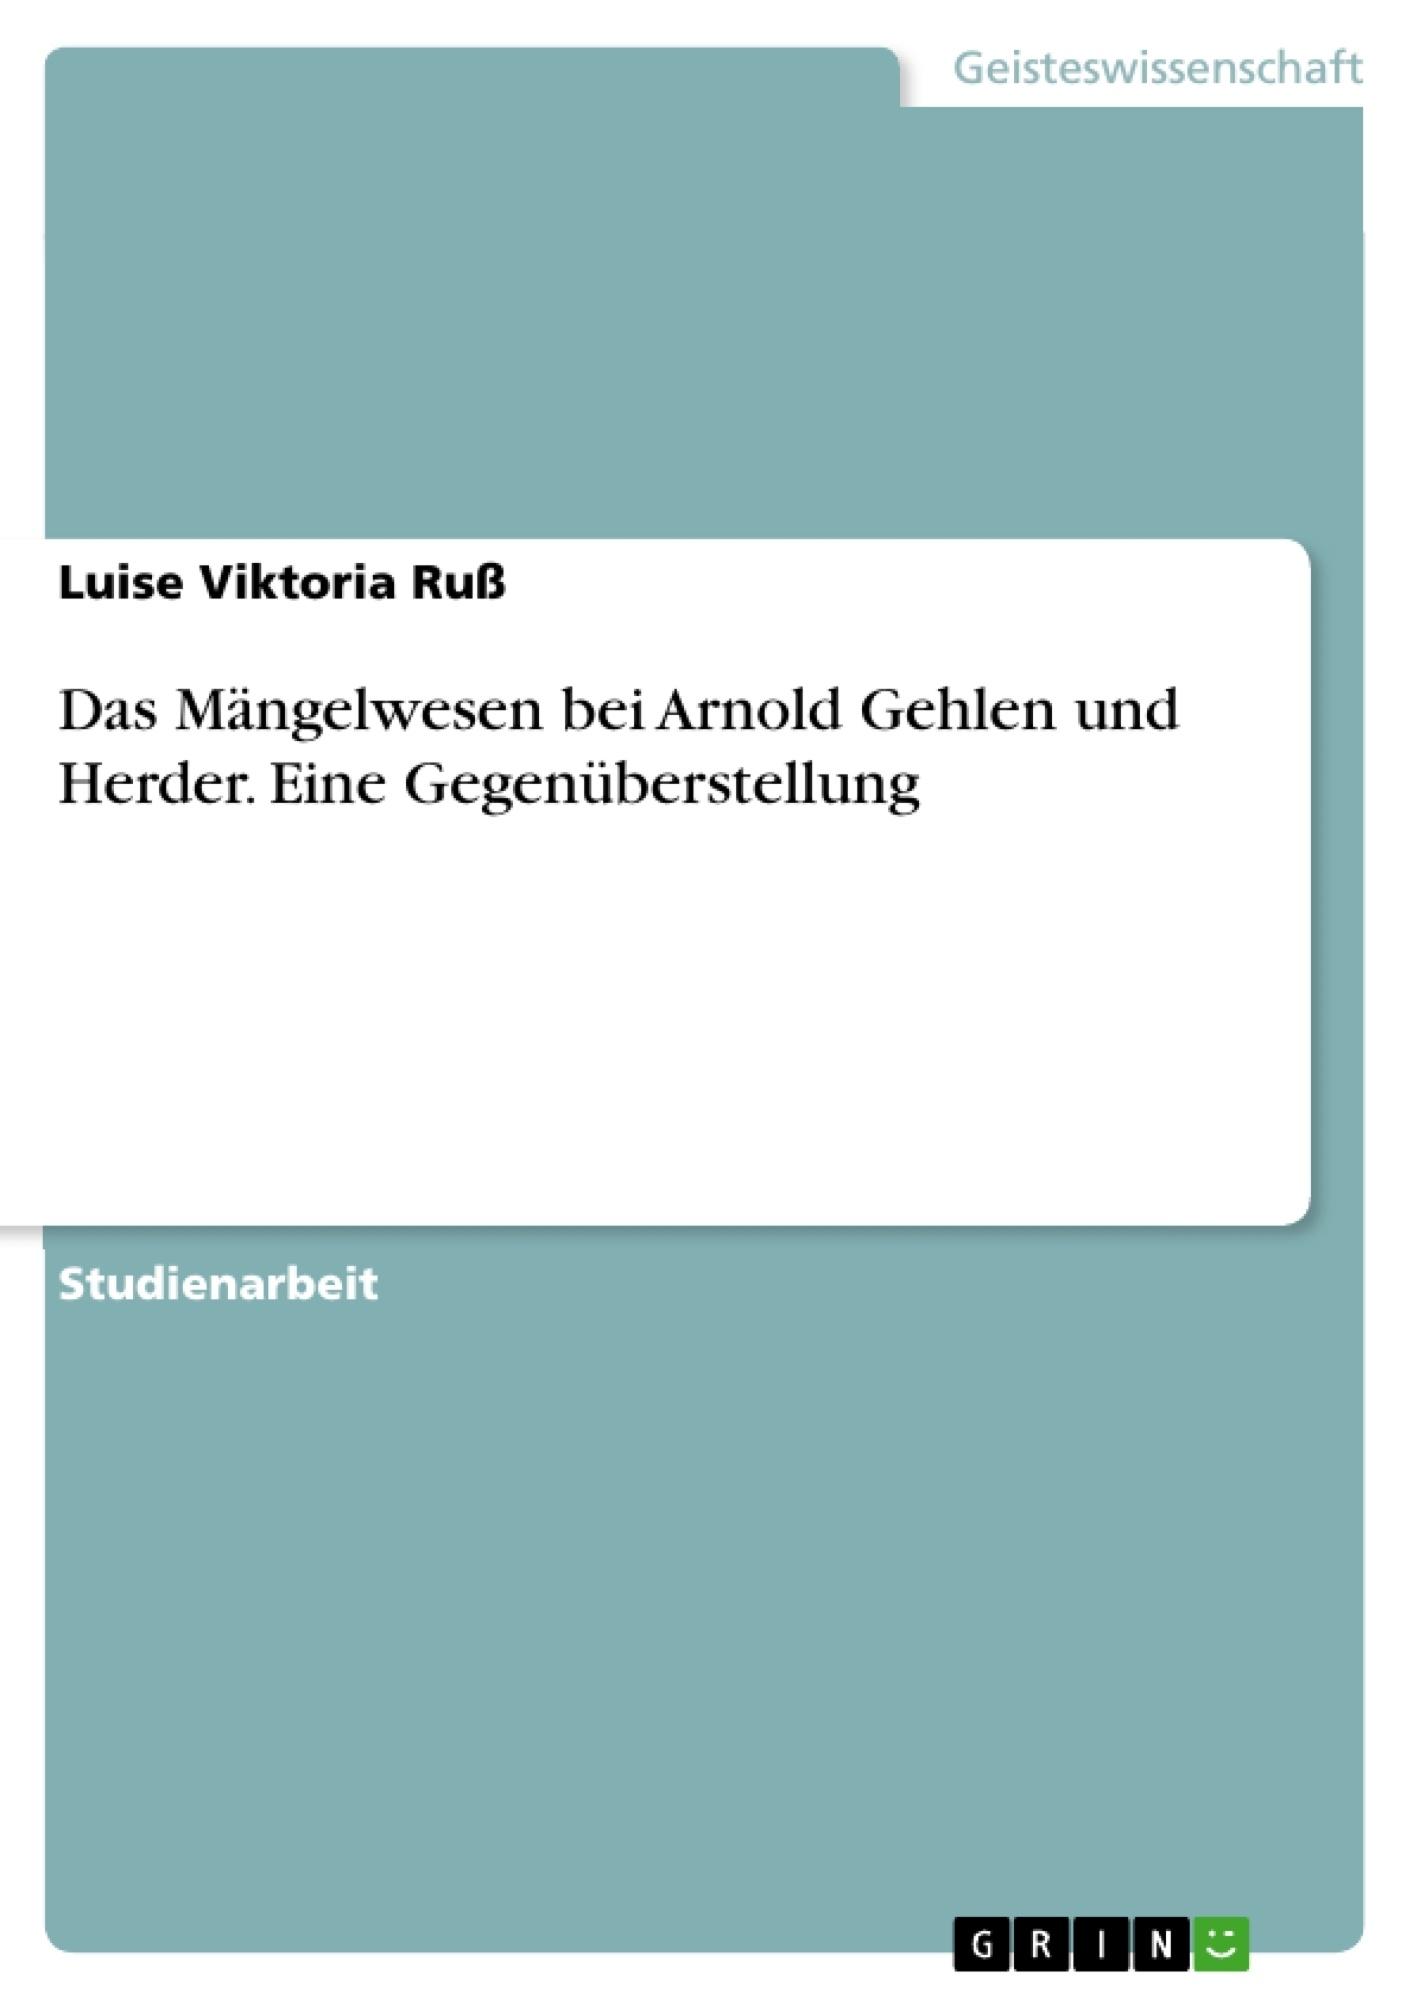 Titel: Das Mängelwesen bei Arnold Gehlen und Herder. Eine Gegenüberstellung